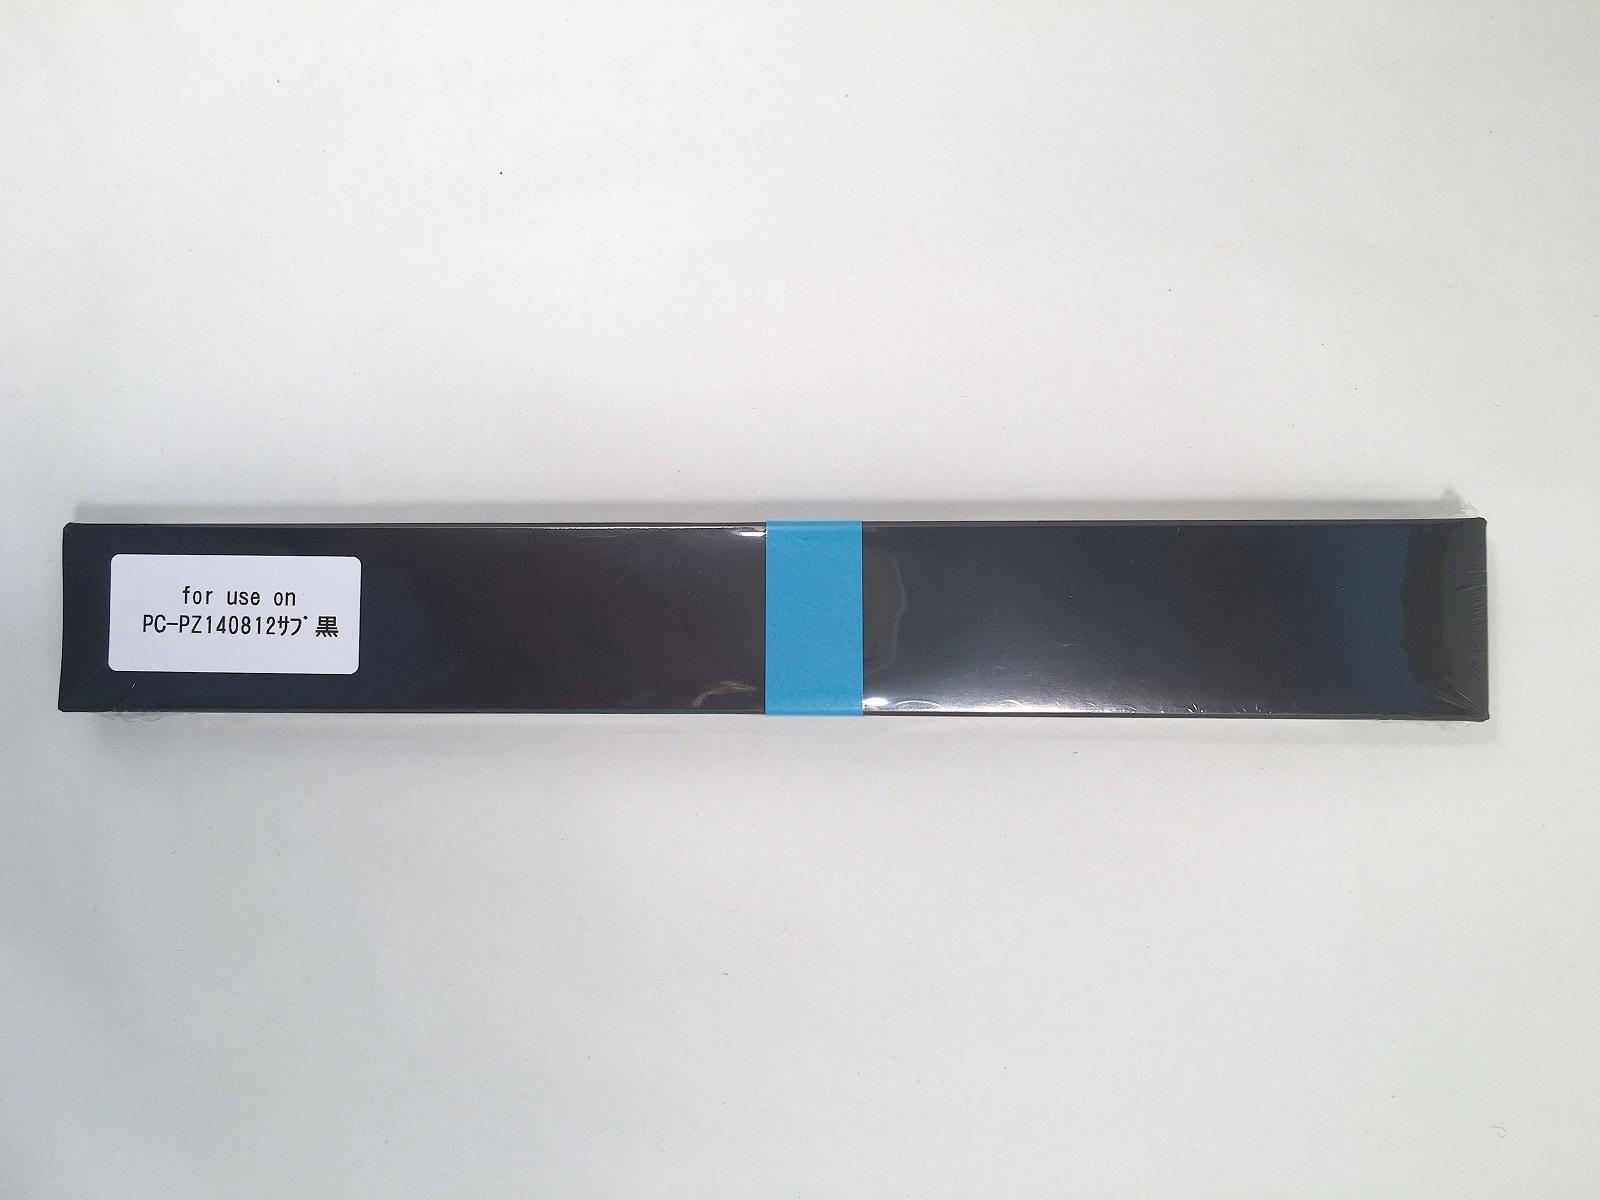 日立 / HITACHI 用 汎用品詰め替えリボン(サブリボン)PCPZ-140811 (PCPD4081)(BK)  6個セット(送料無料)